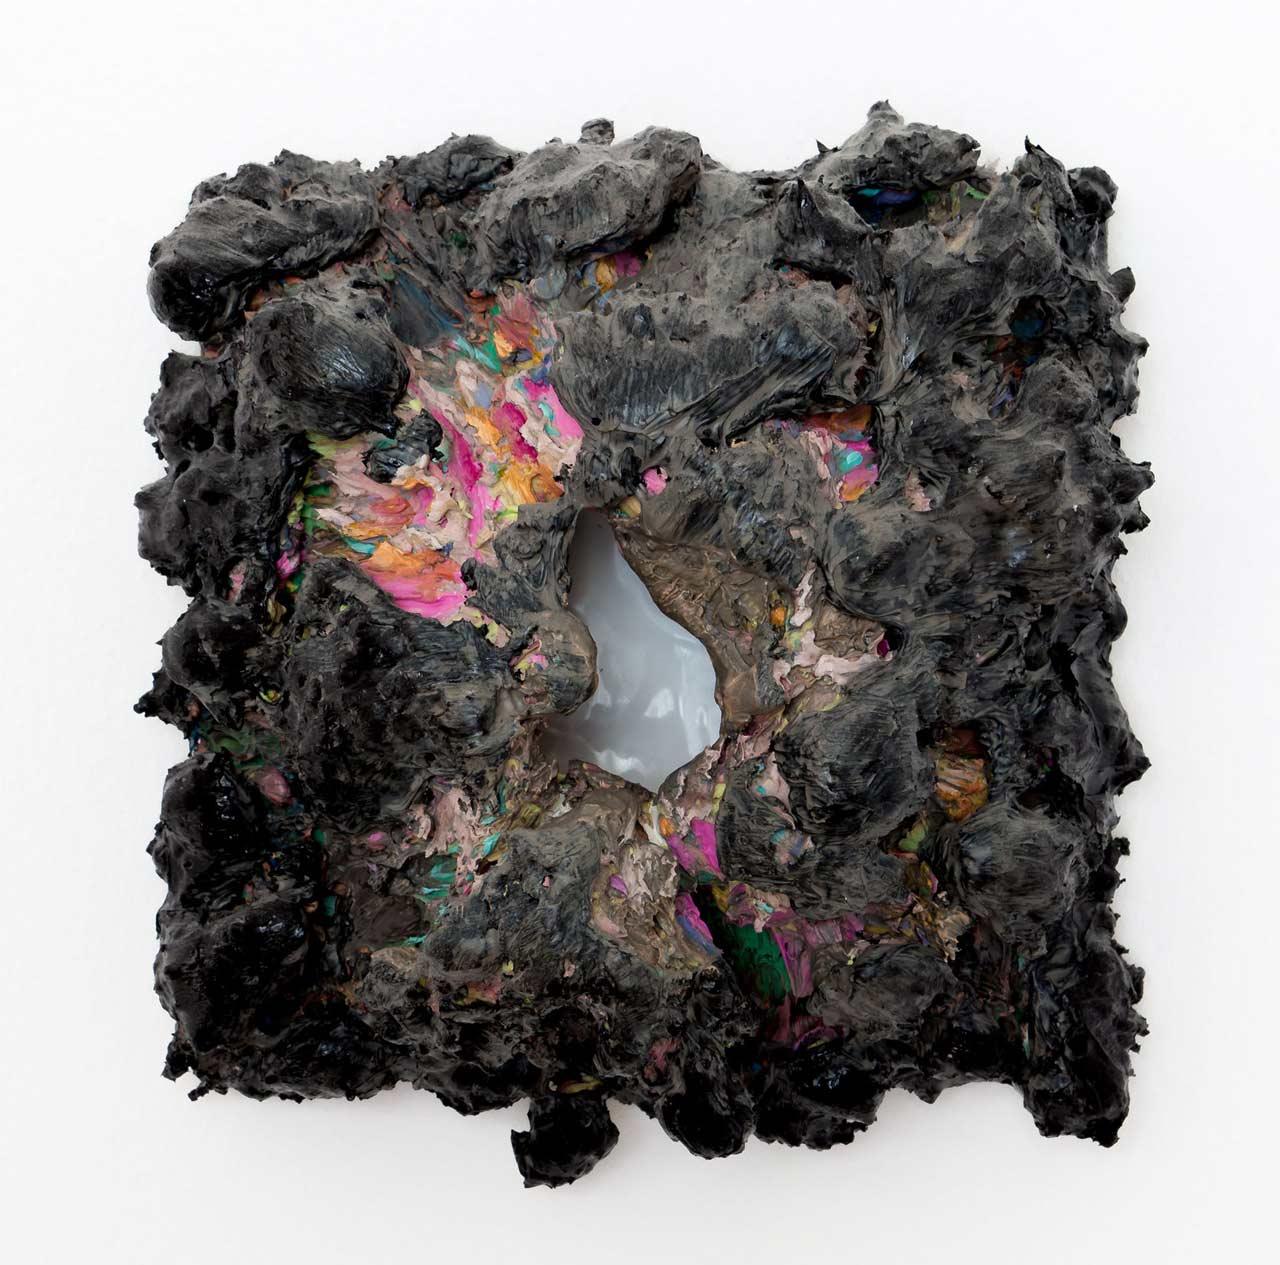 Roboert Ritter abstraktno slikanje